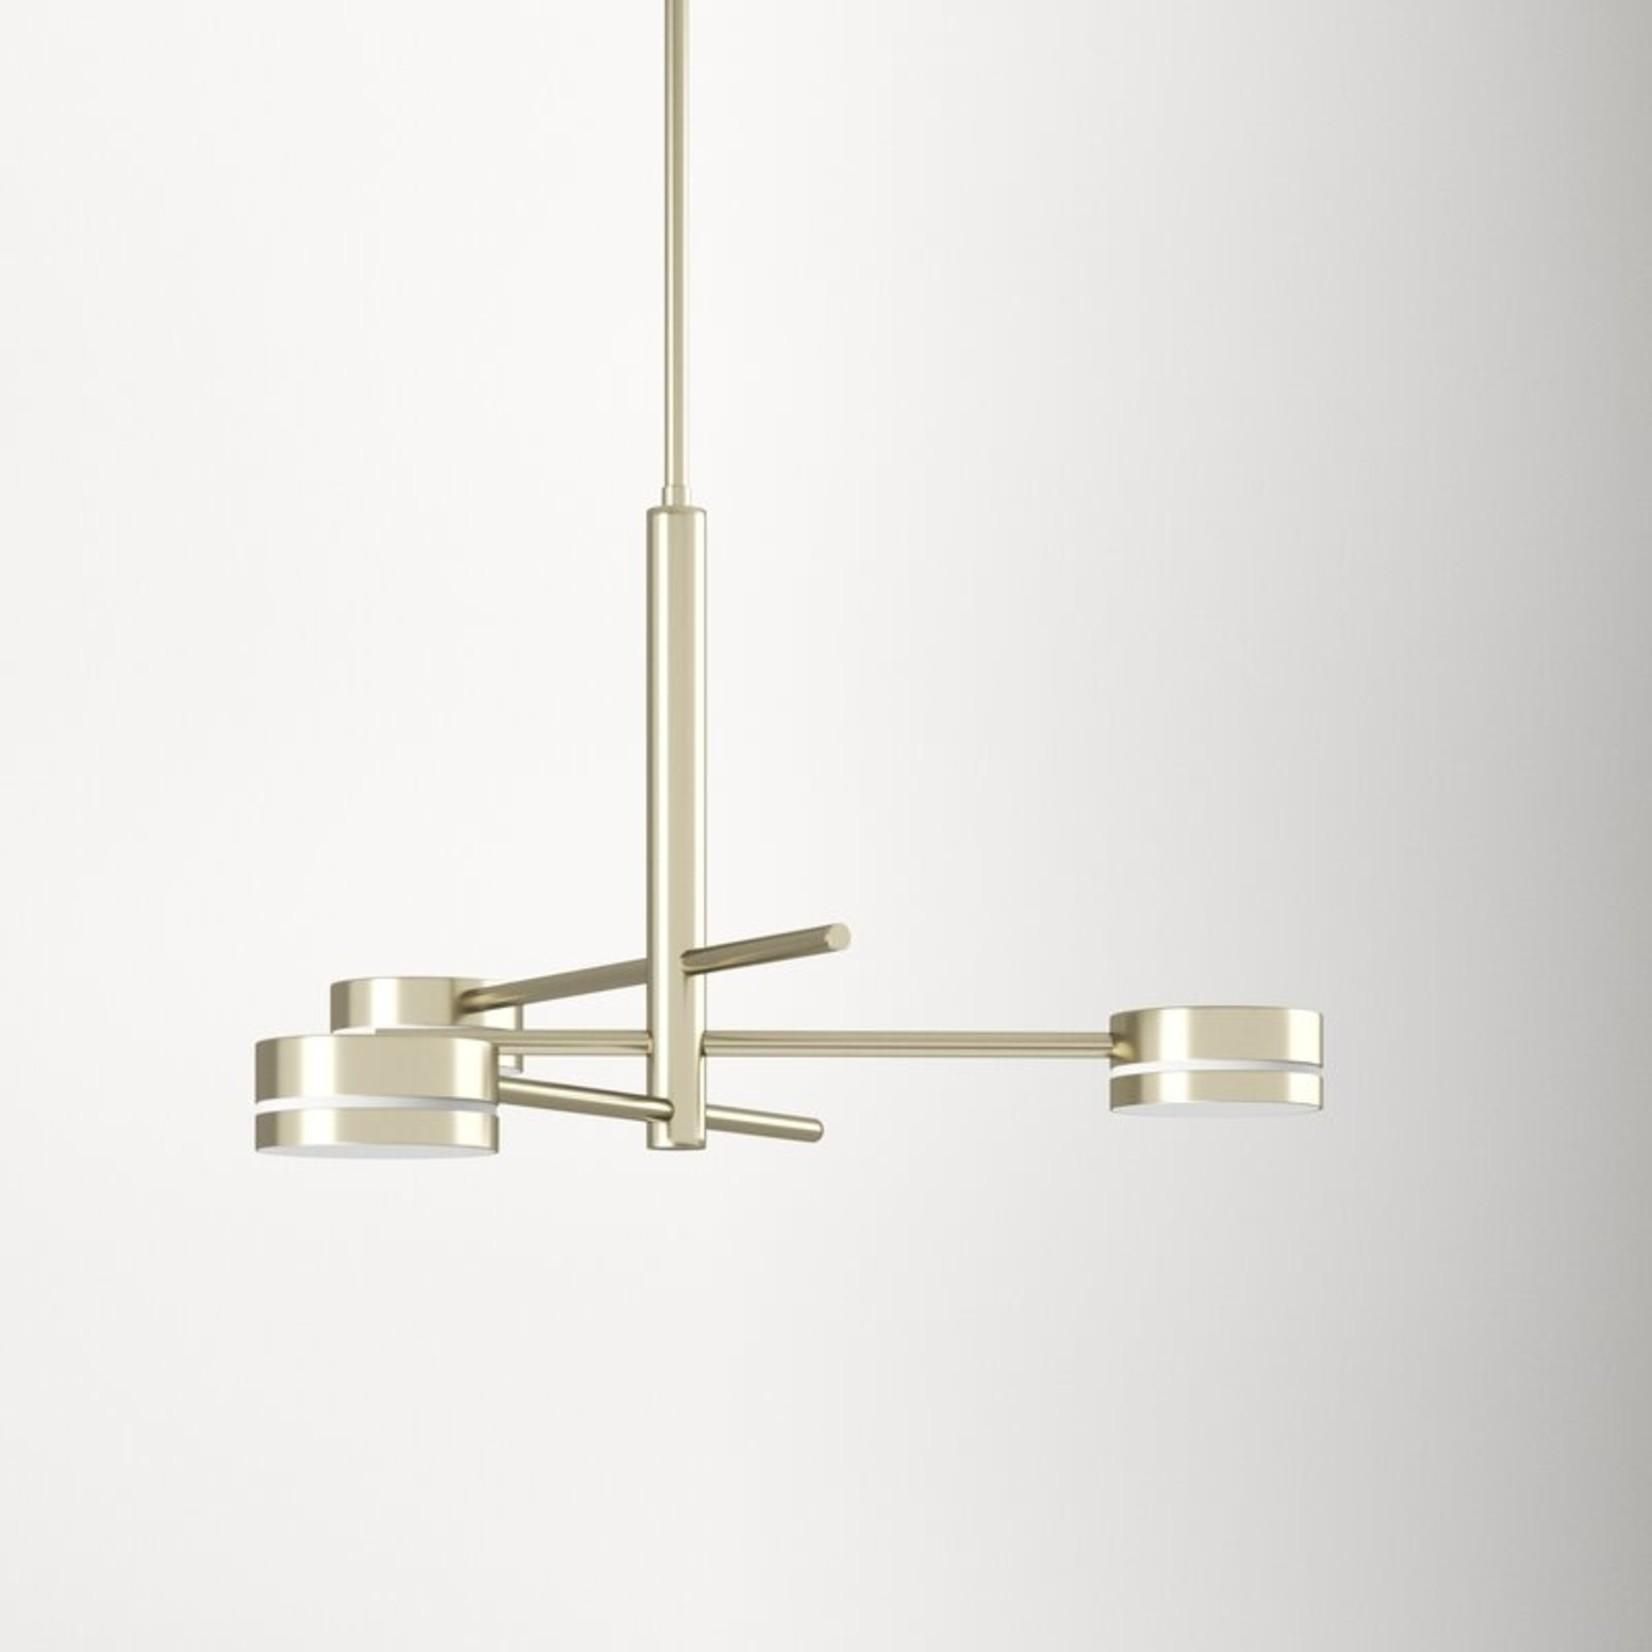 *Armetta 3 - Light Sputnik Modern Linear LED Chandelier